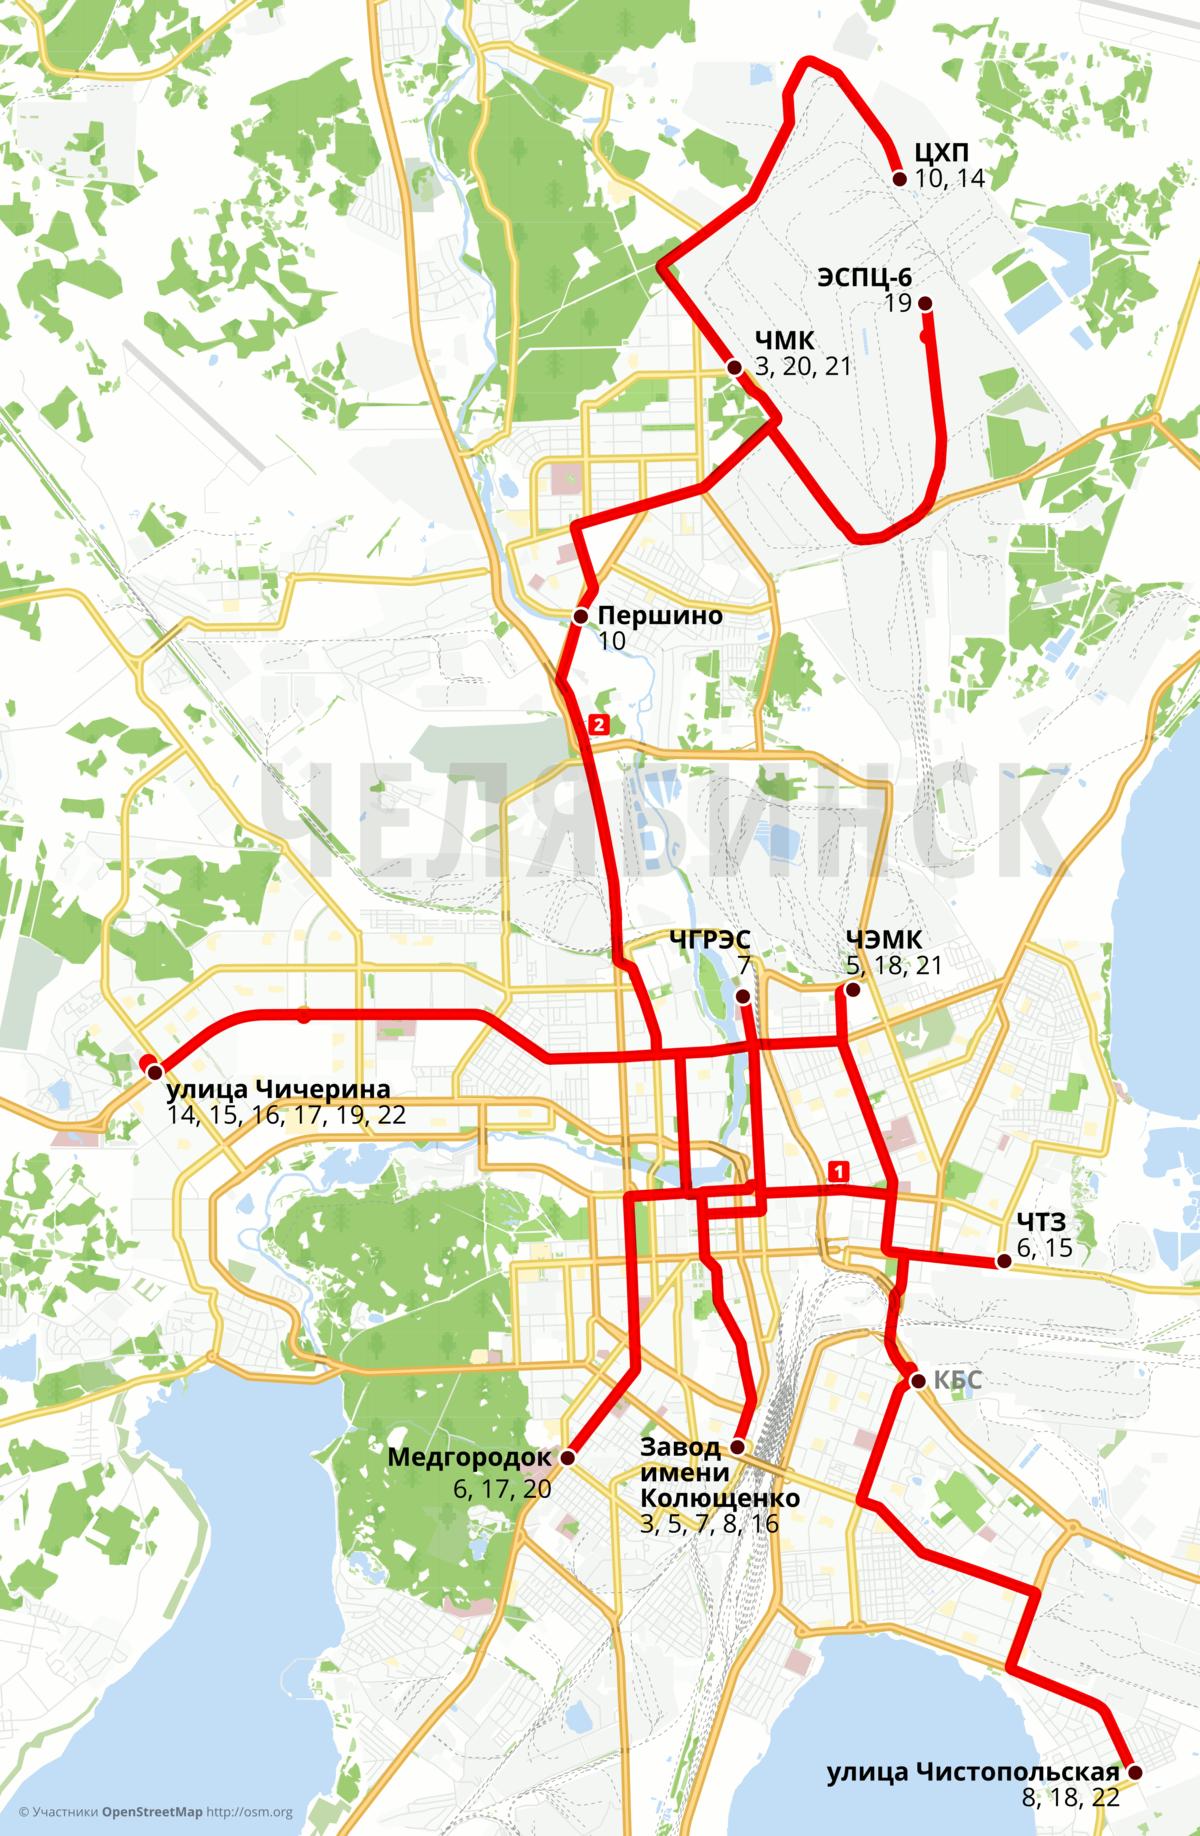 схема маршруток тольятти колхозный рынок автозаводский